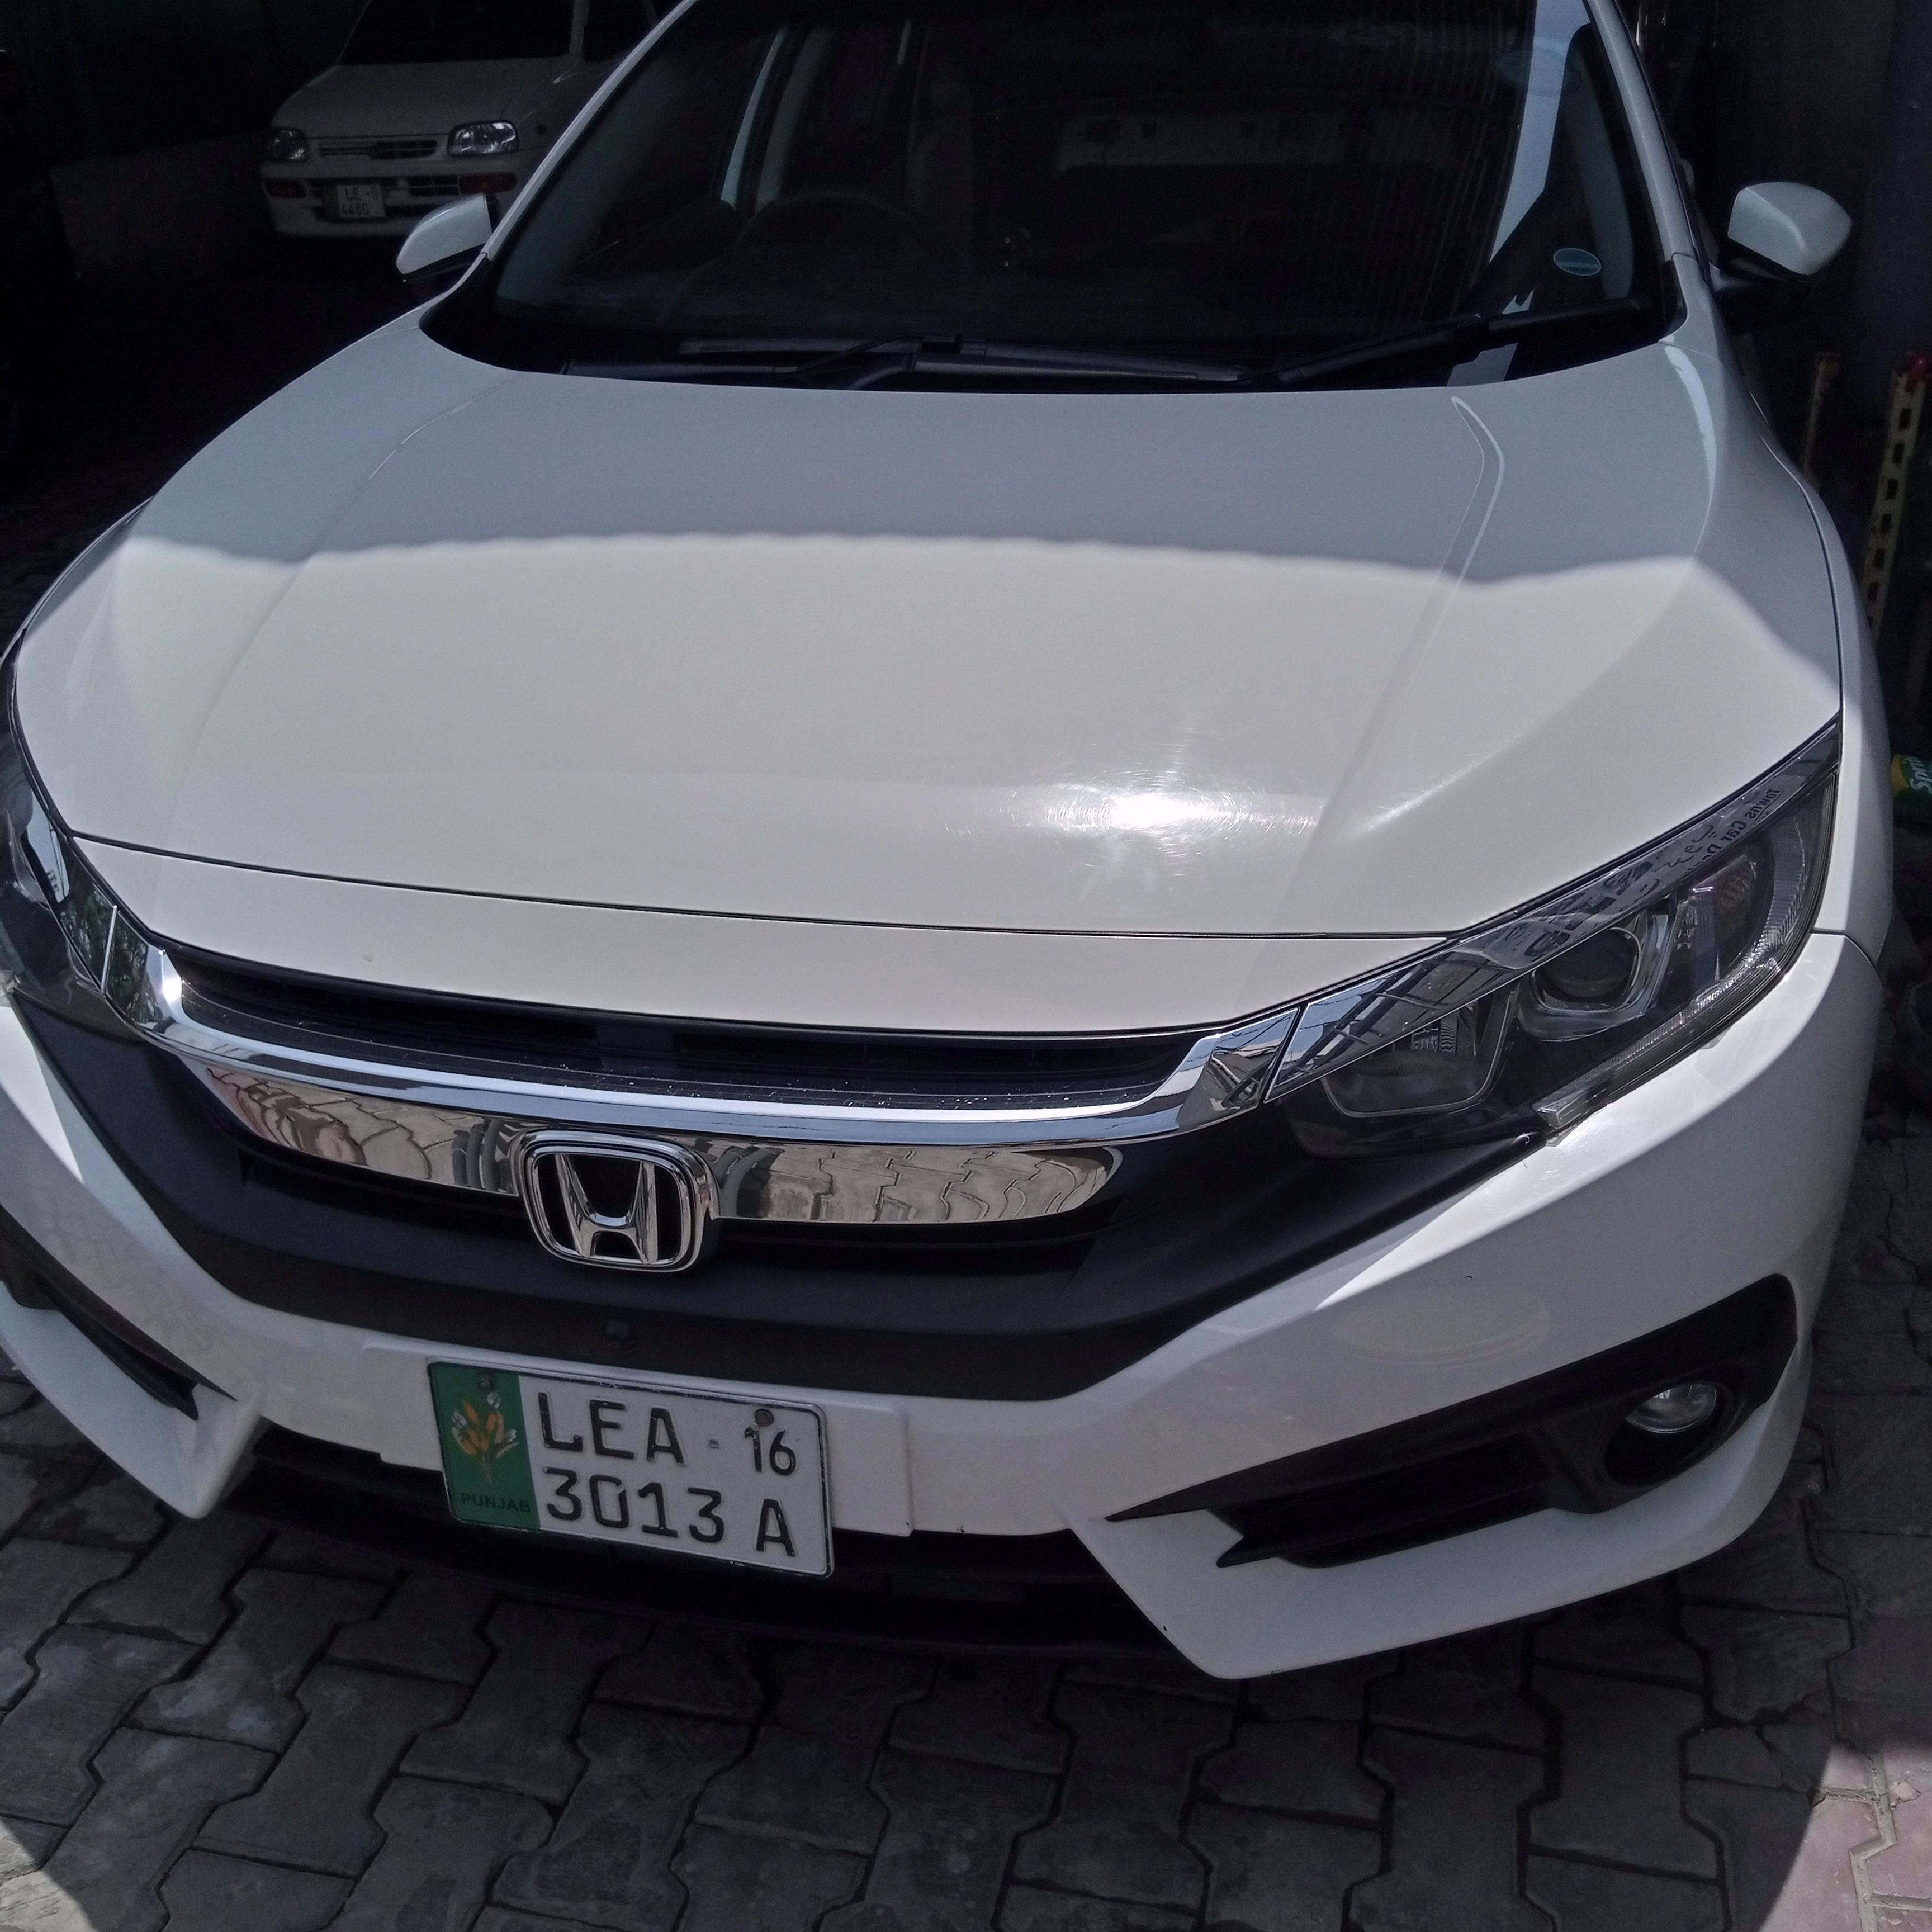 Honda Civic 1.8 i-VTEC Oriel 2016